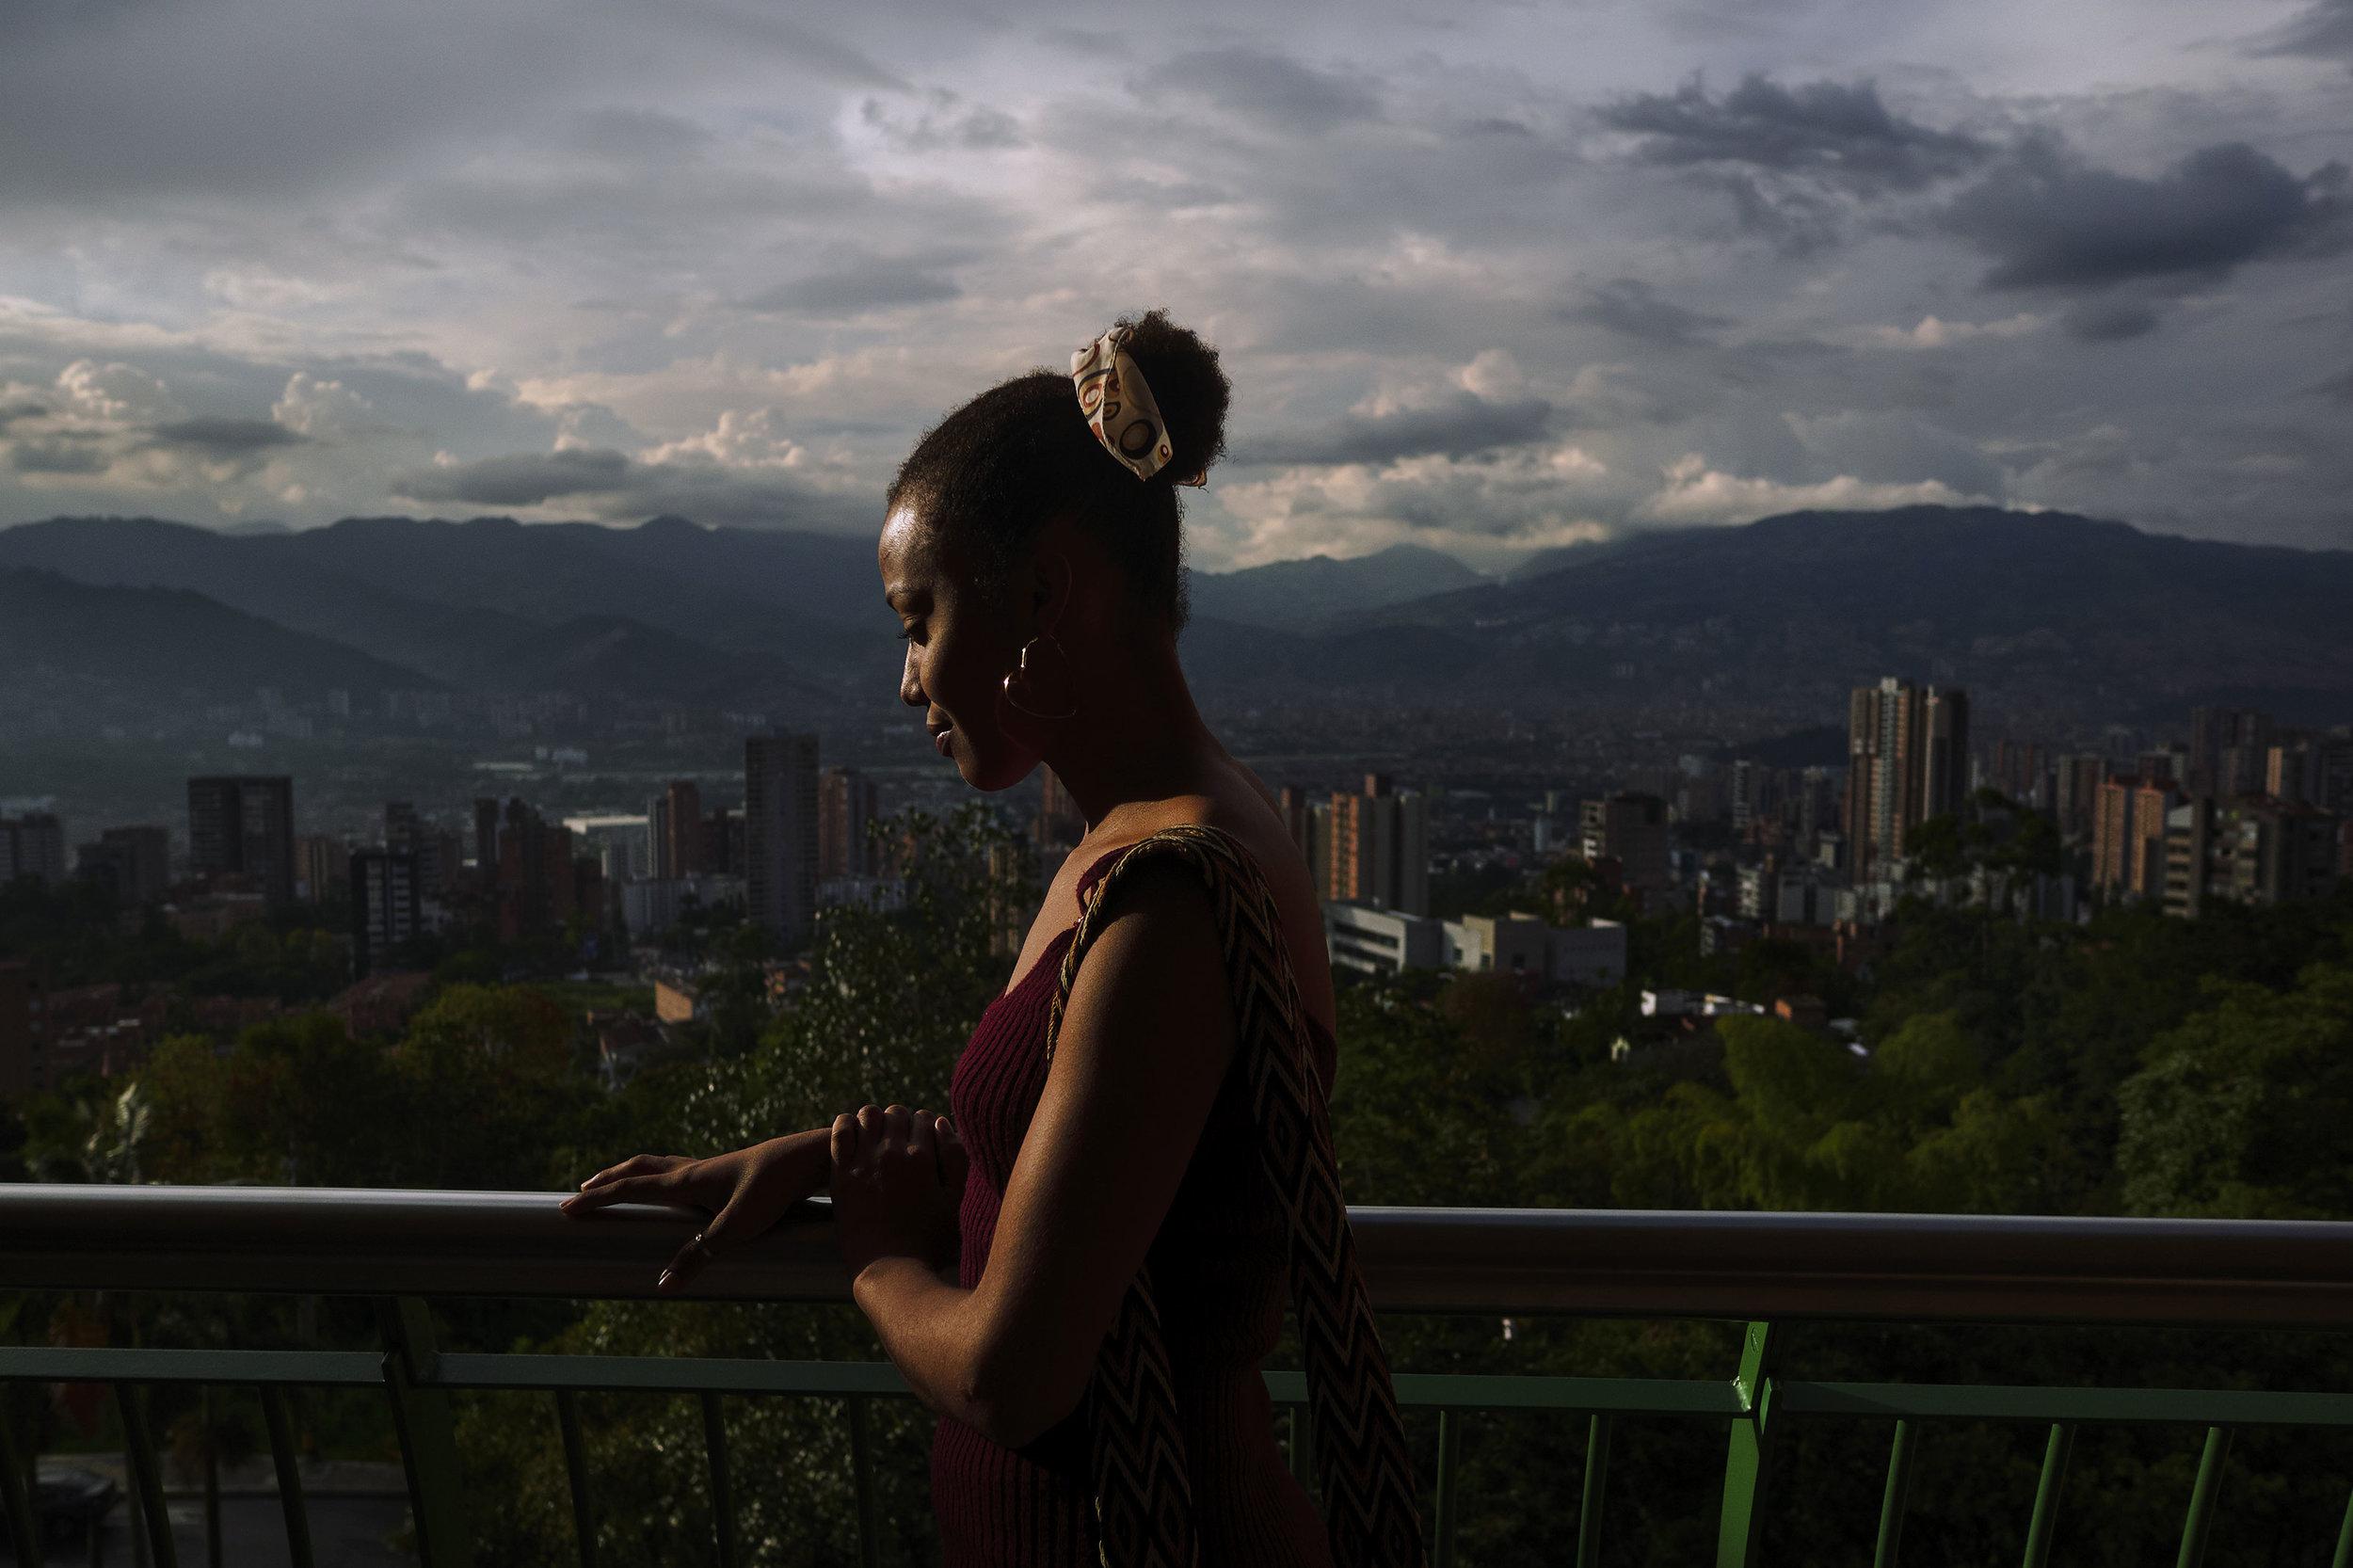 Girl-Medellin-view